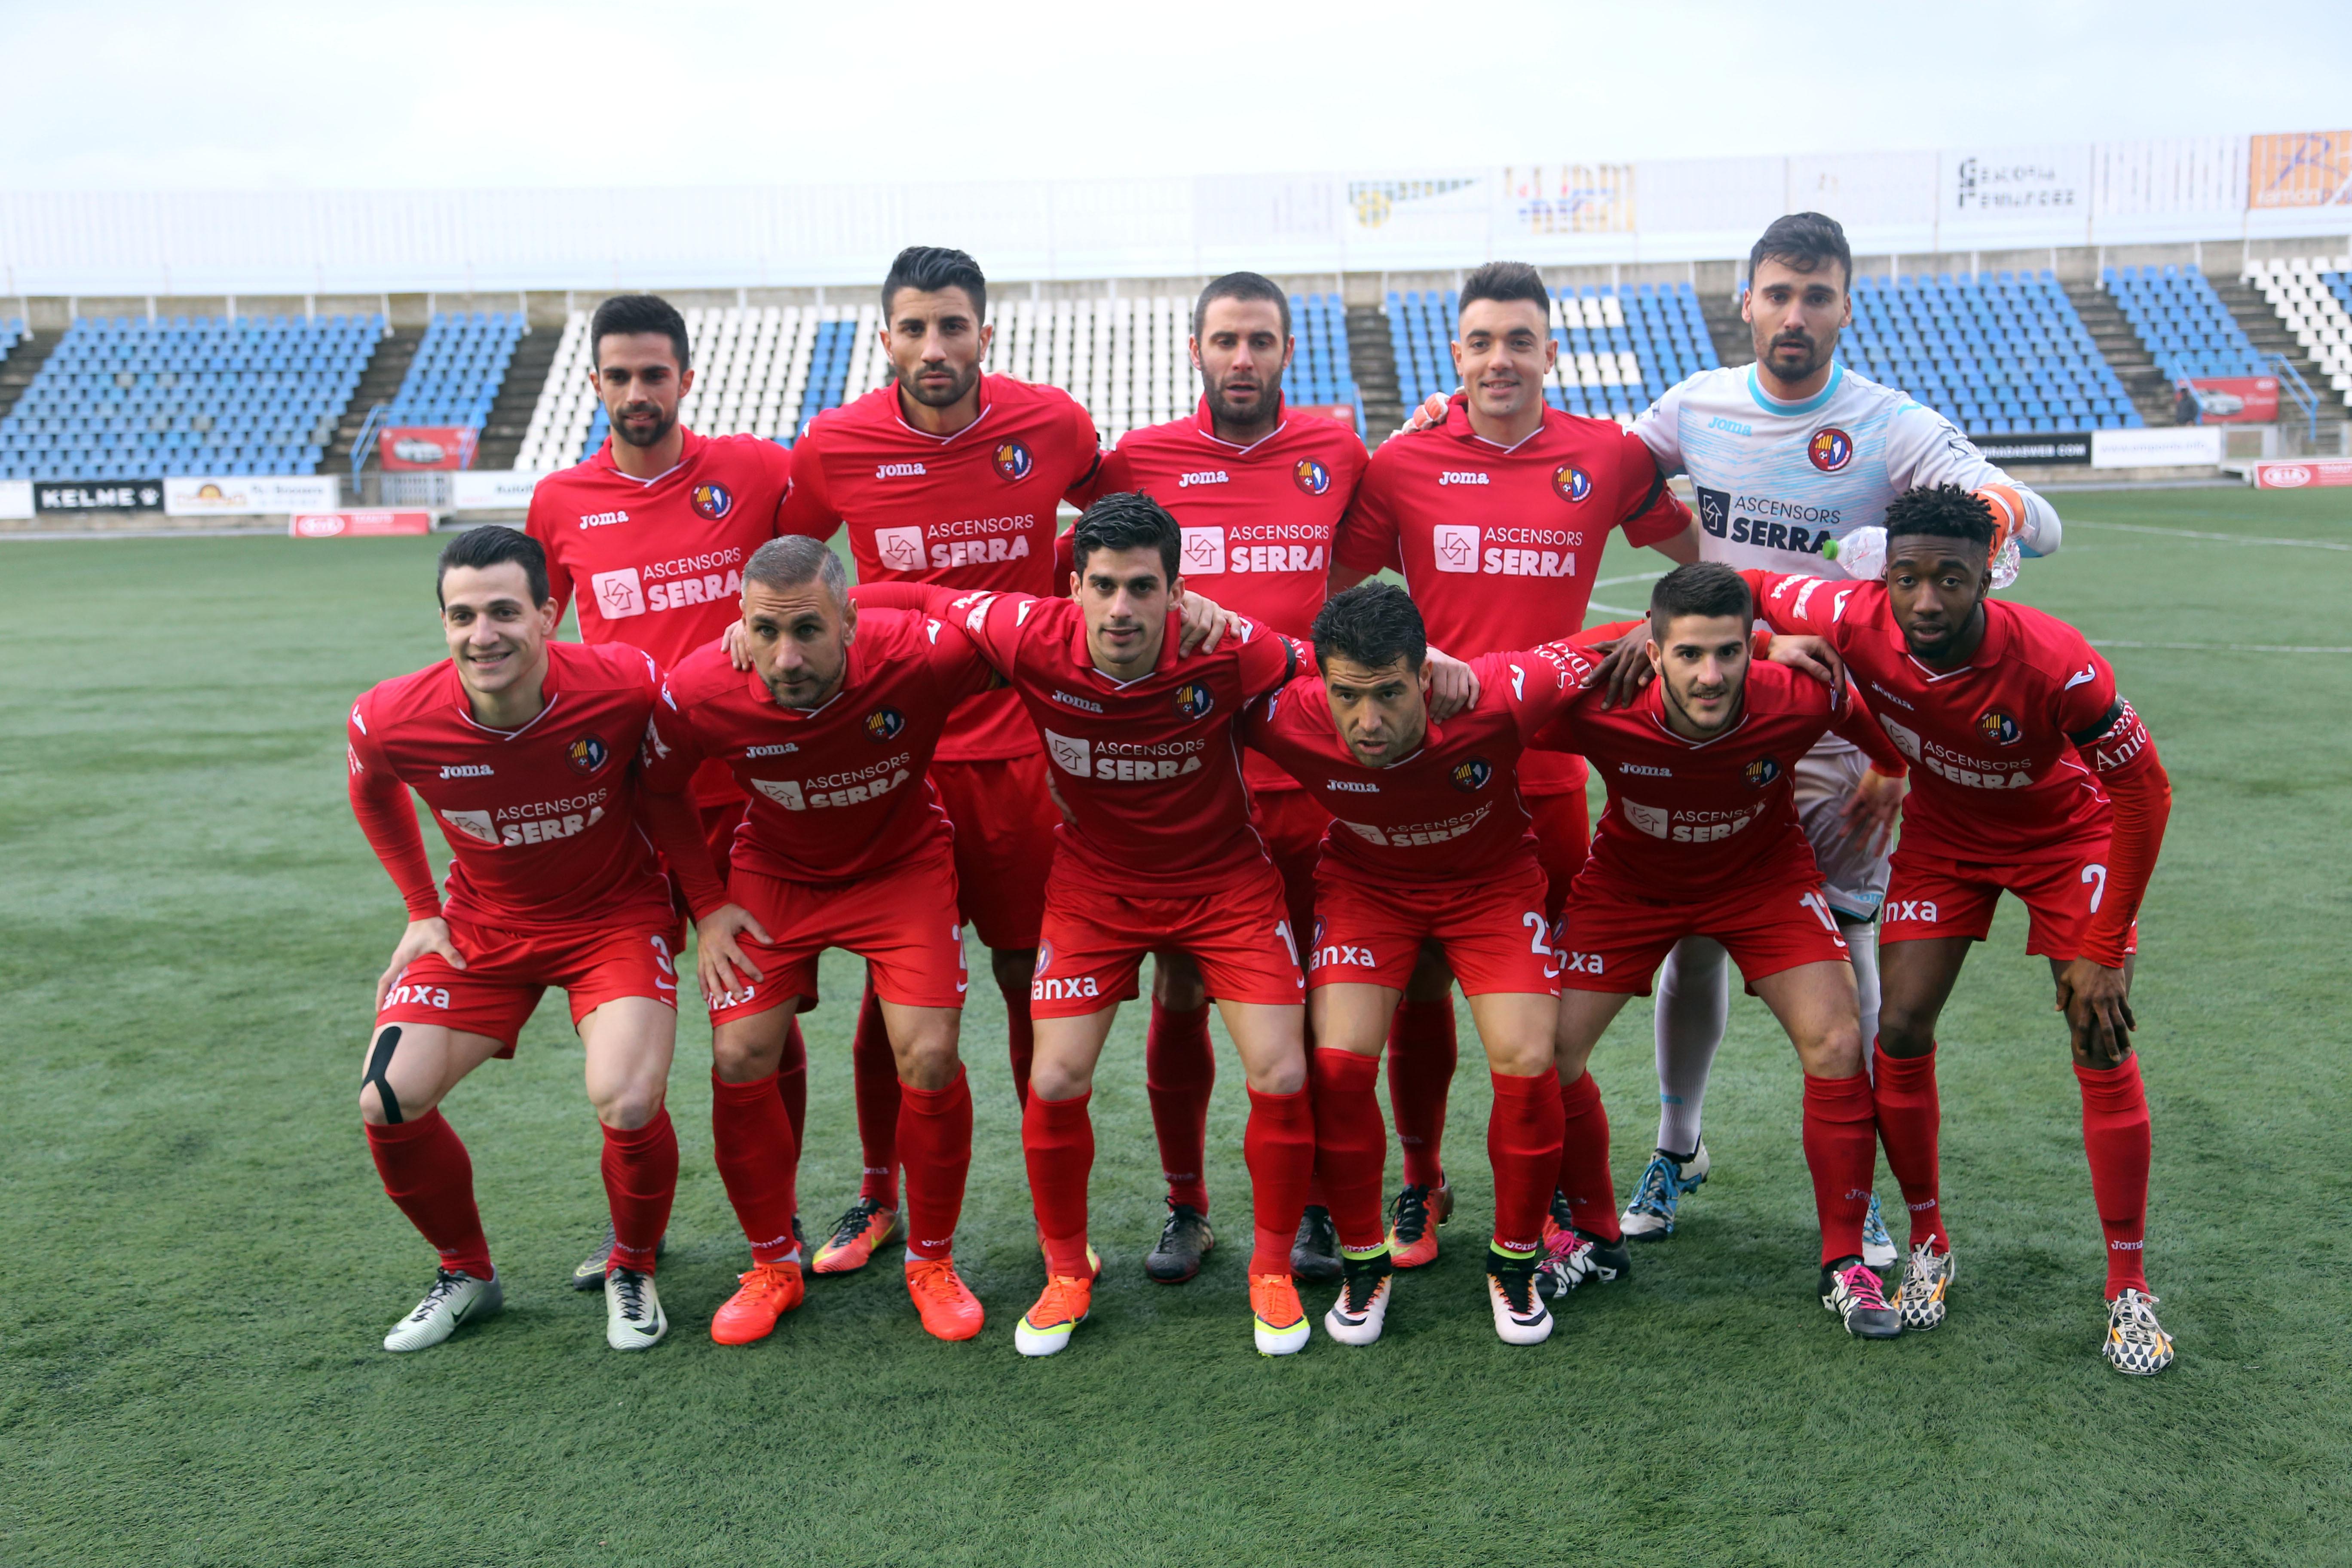 Futbol. Temporada 2016/17. 3a divisió. Partit entre el Figueres i l'Olot a l'estadi de Vilatenim. Regitzell habitual, entrenadors, porters, ambient, etc